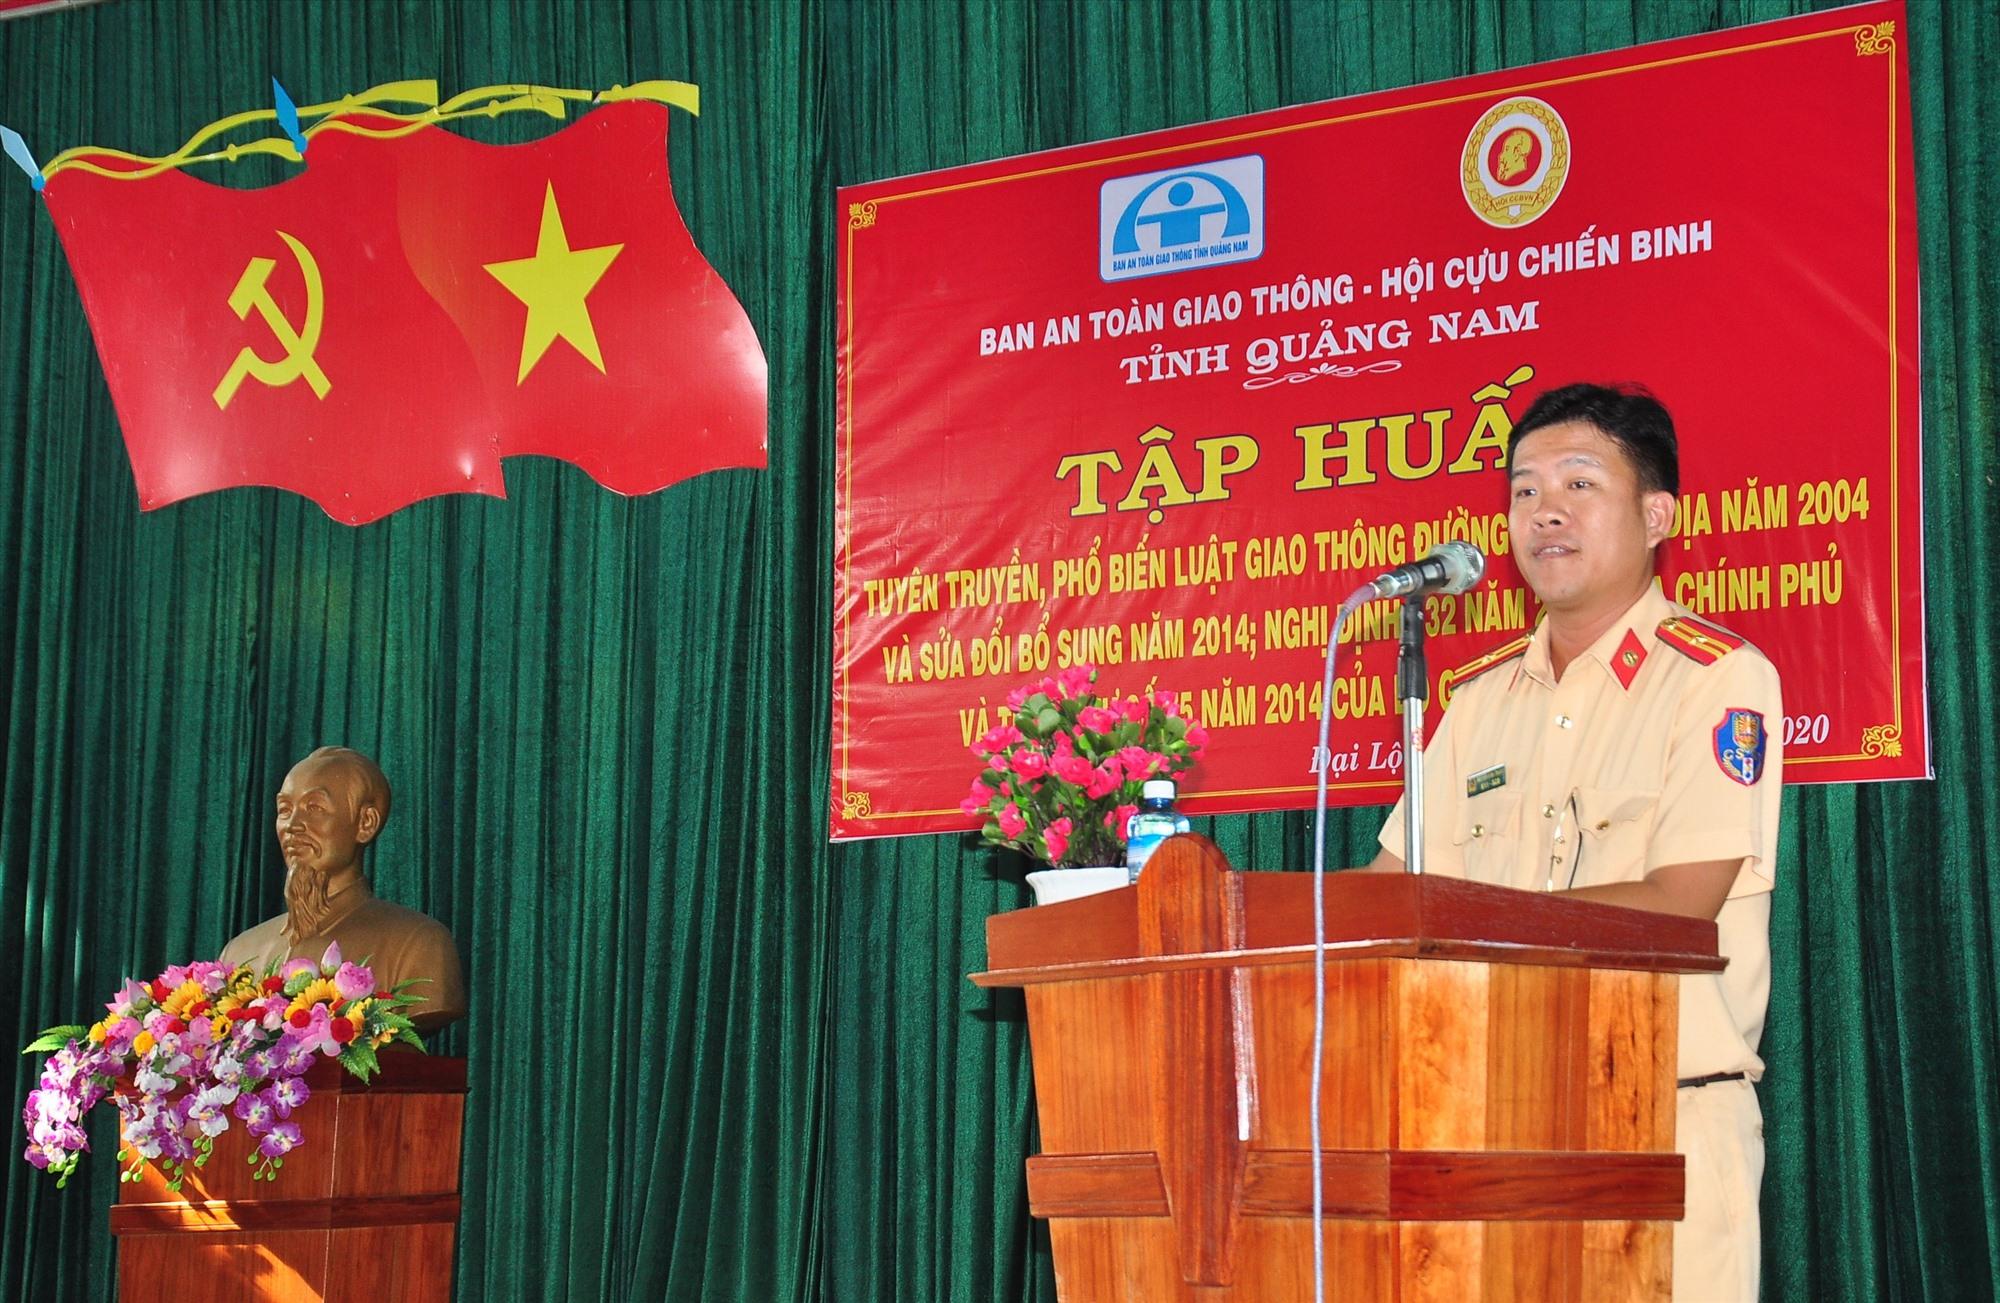 Thiếu tá Nguyễn Đình Thắng, báo cáo viên Phòng Cảnh sát giao thông đường thủy phổ biến các nội dung tại hội nghị tập huấn. Ảnh: VINH ANH